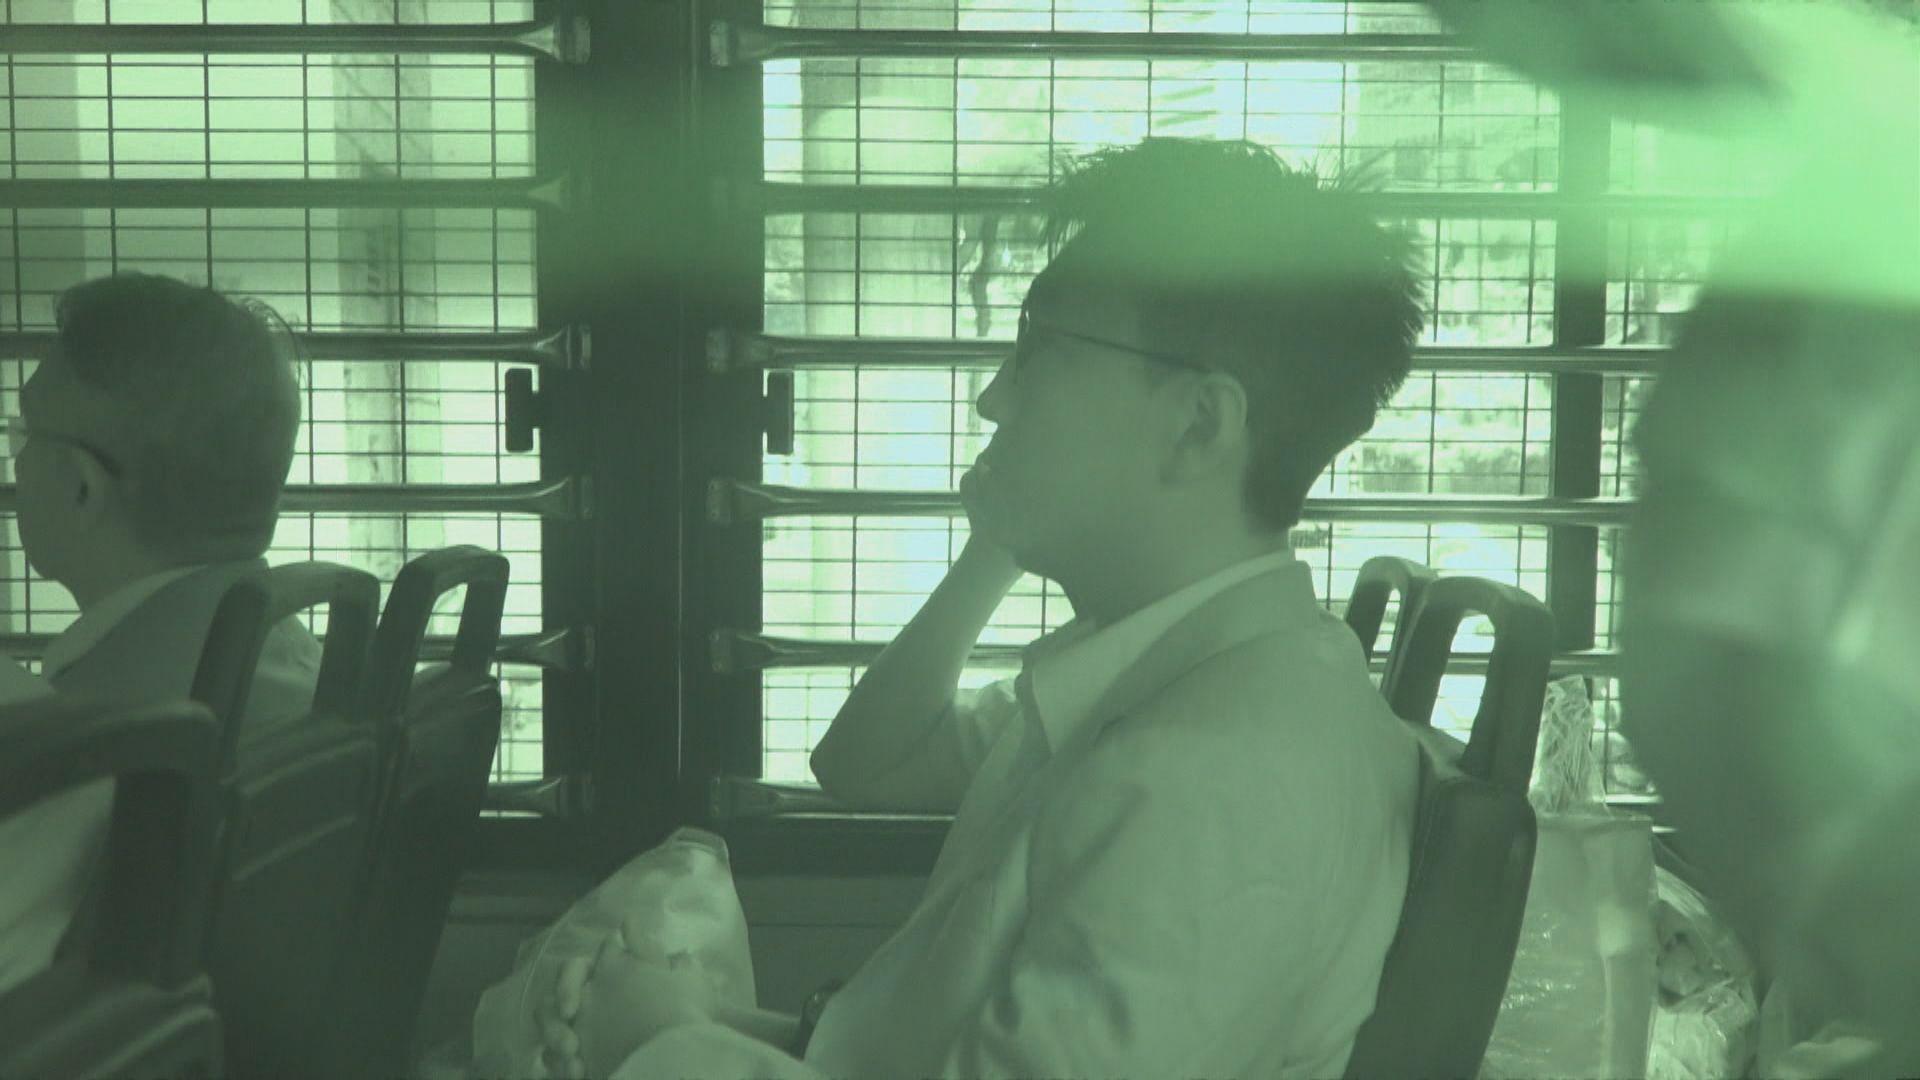 旺角騷亂案 法官禁止報道部分爭議事項